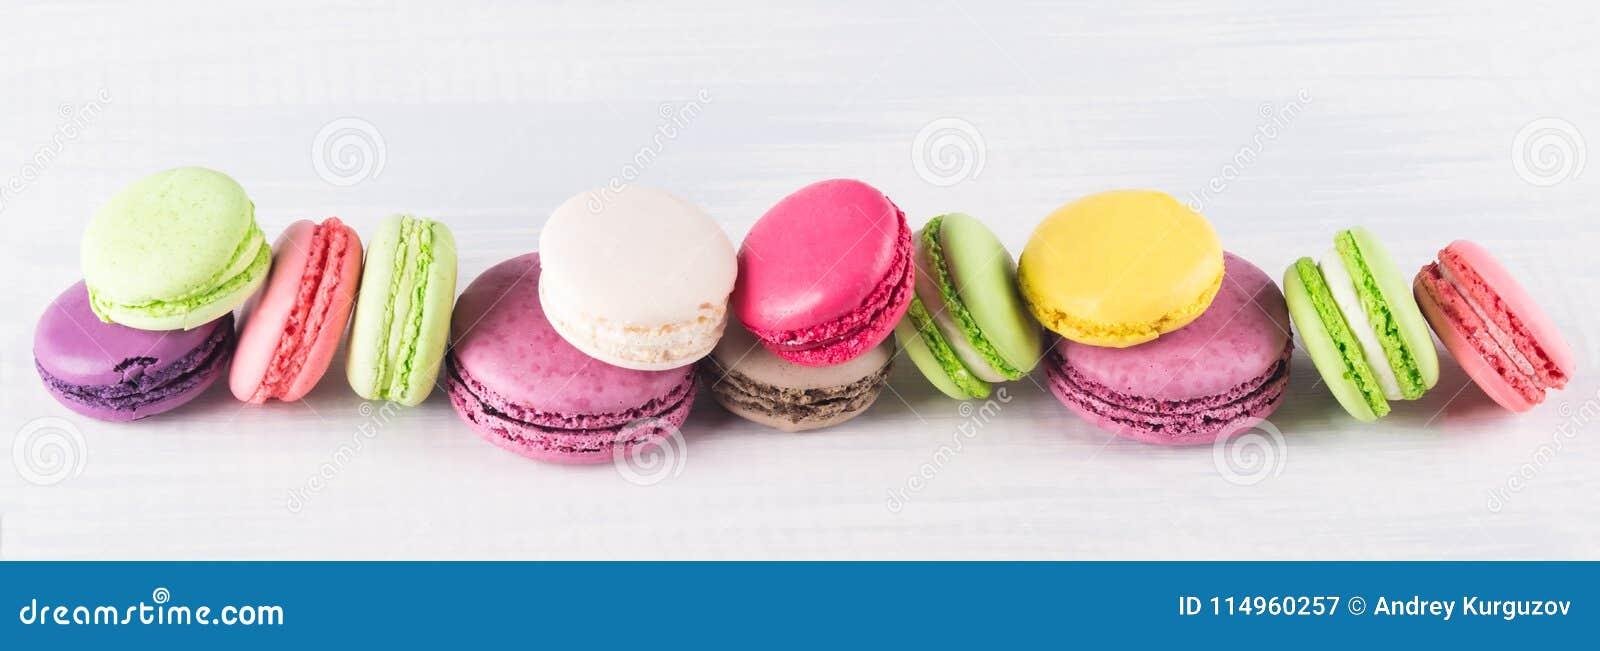 De koekjesmacaroni van verschillende kleuren ligt in een lange rij